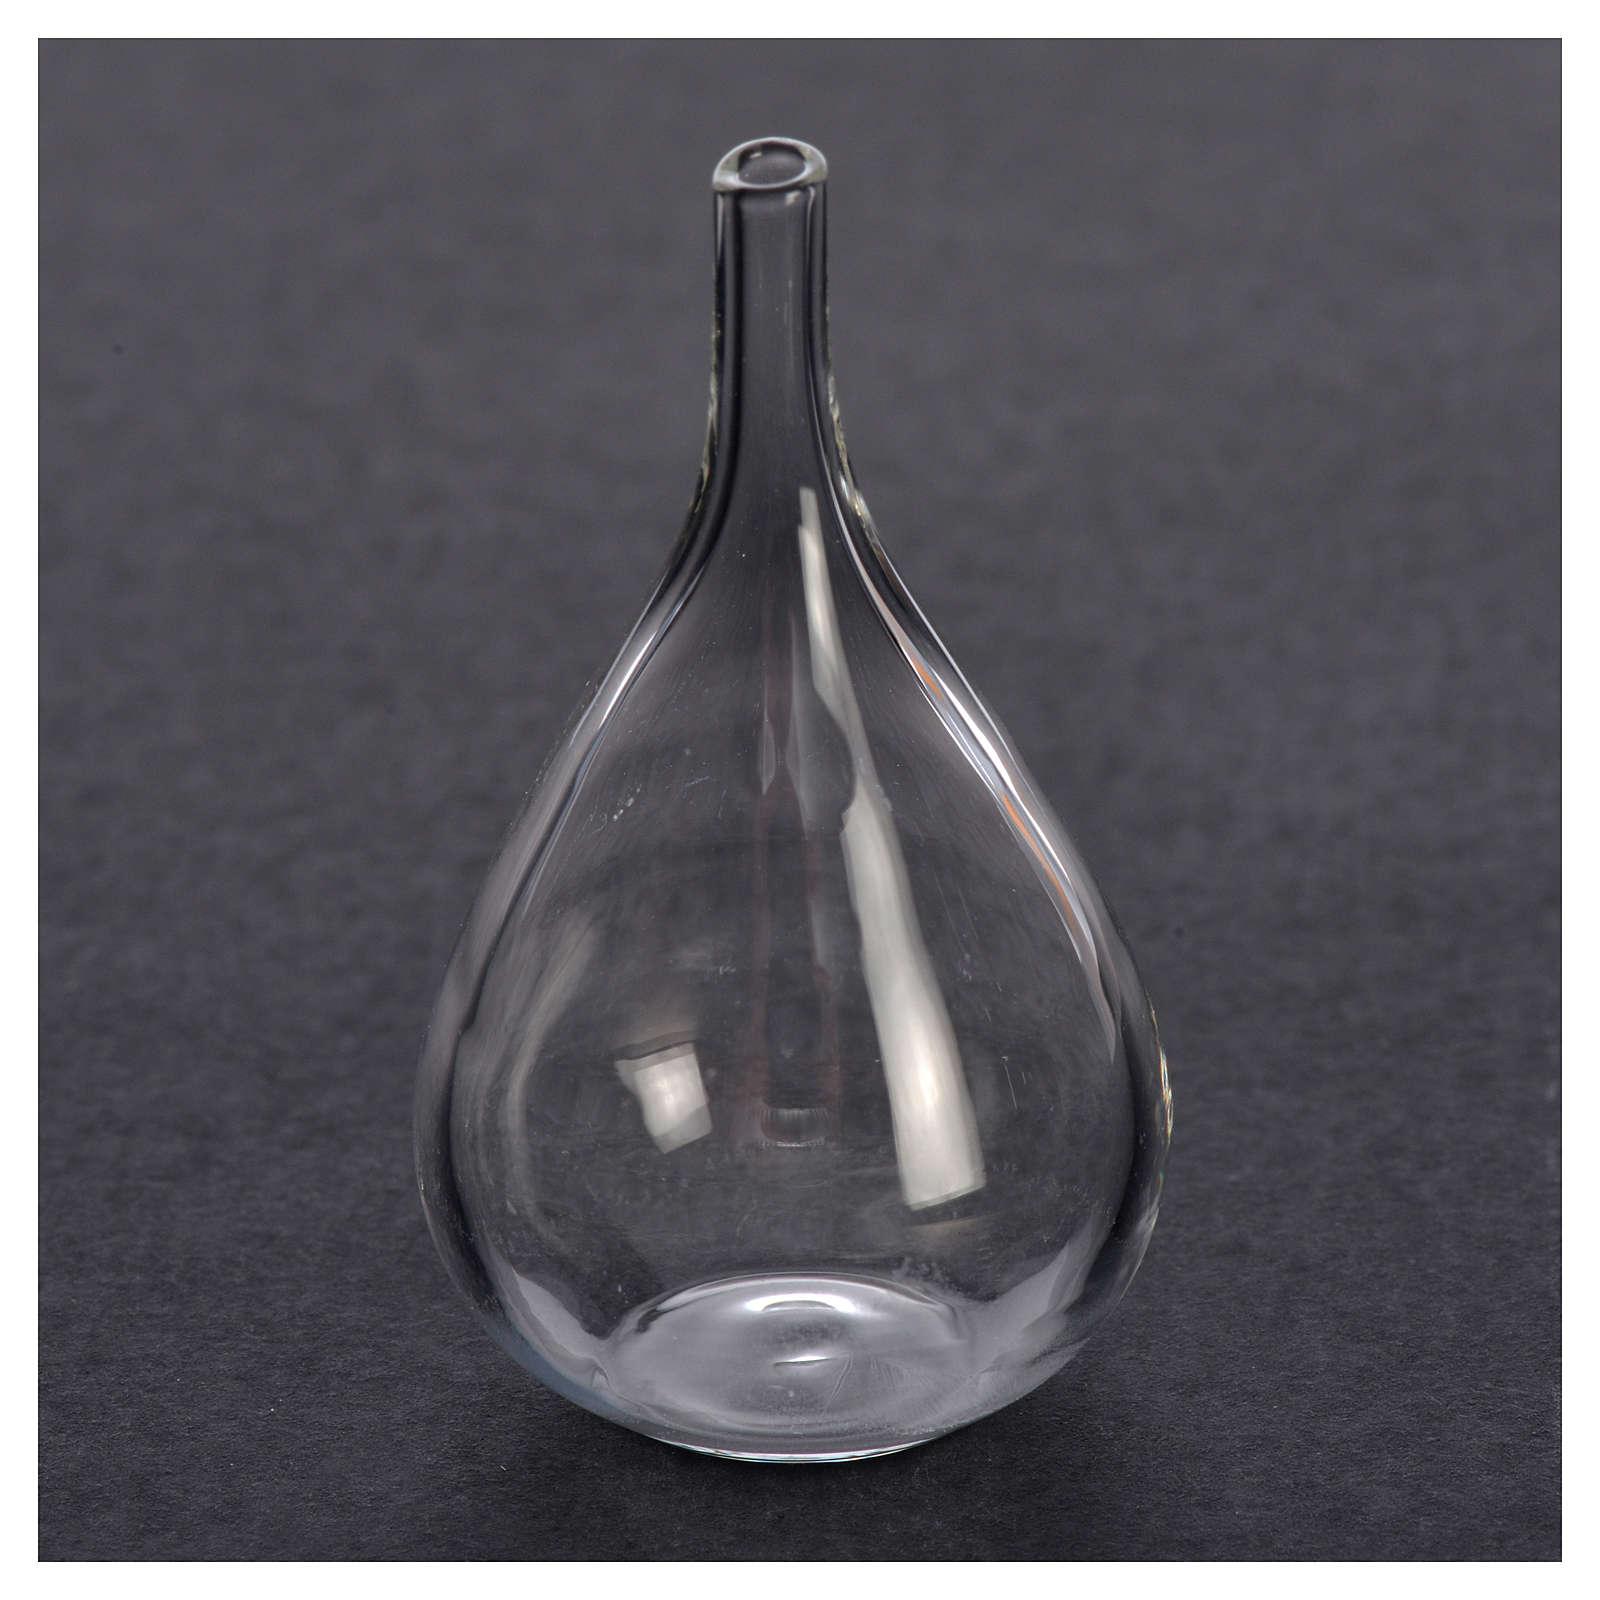 Bottiglia vetro presepe 2,8x1,3 cm 4